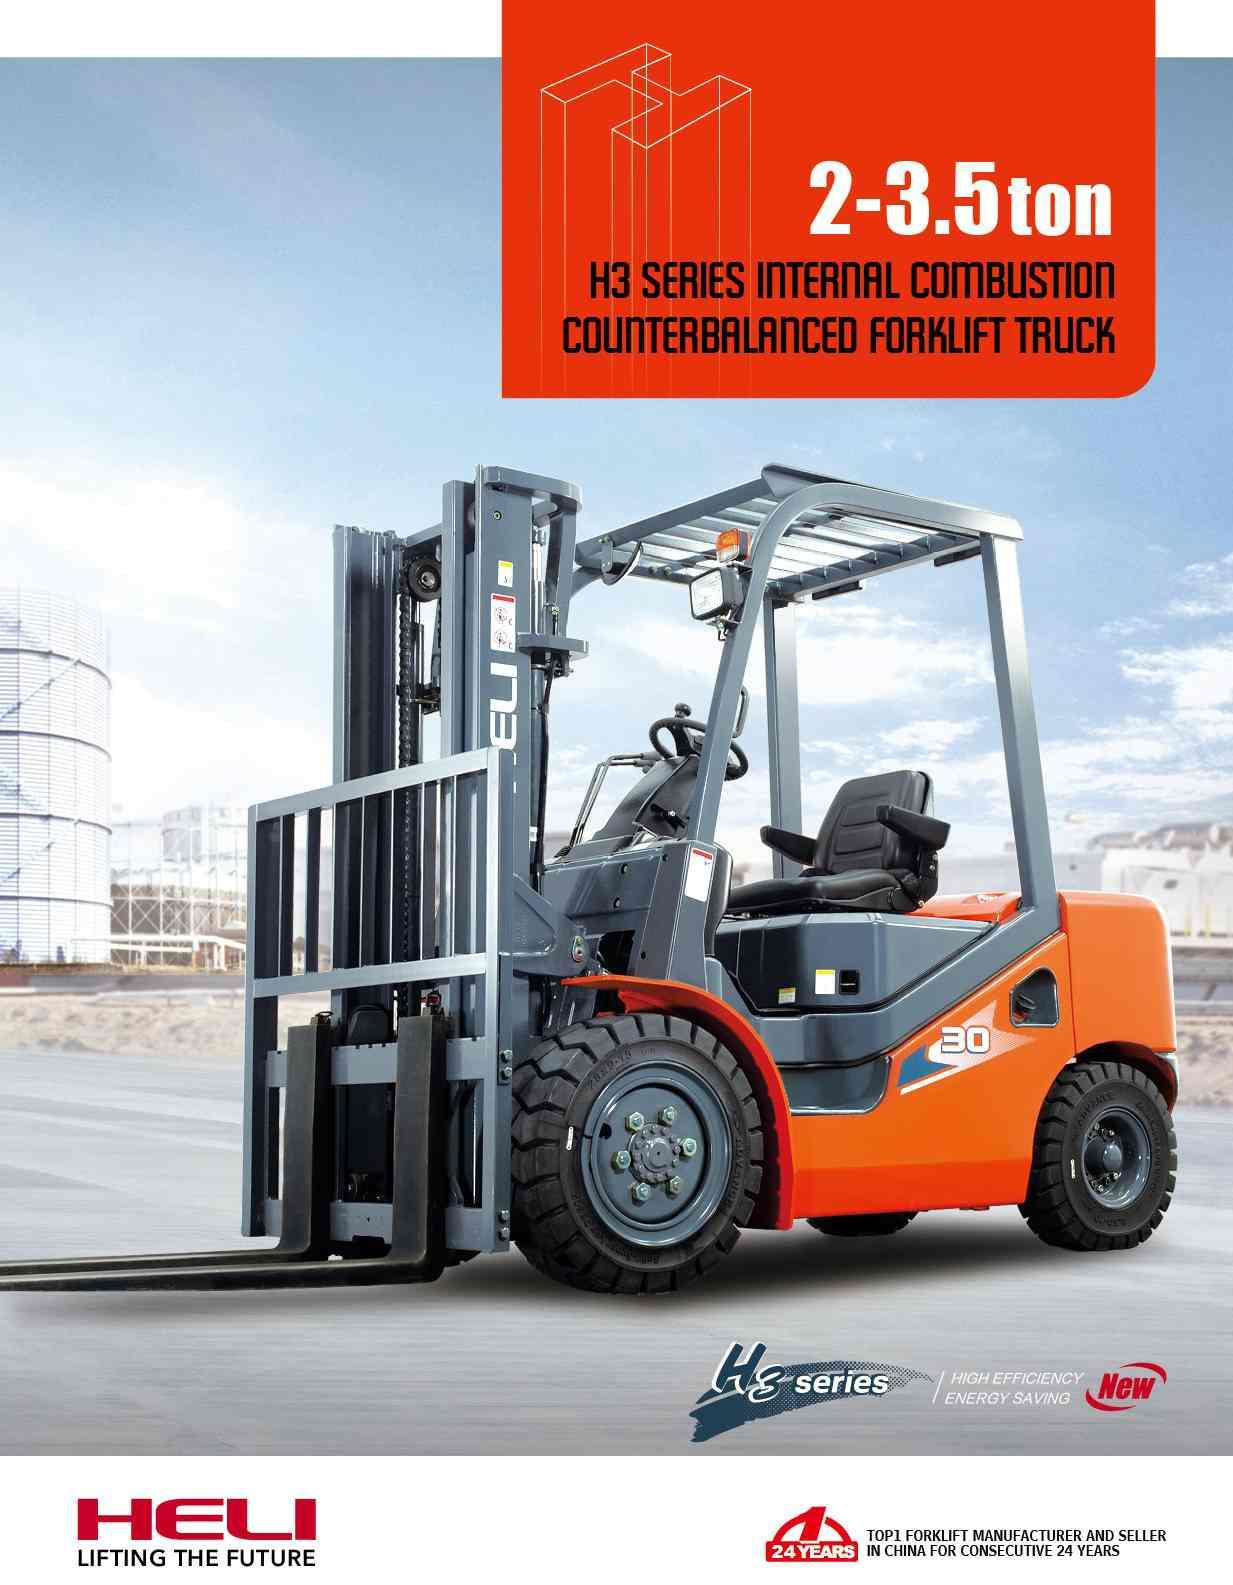 Xe nâng Heli 2-3,5 tấn H3 Series